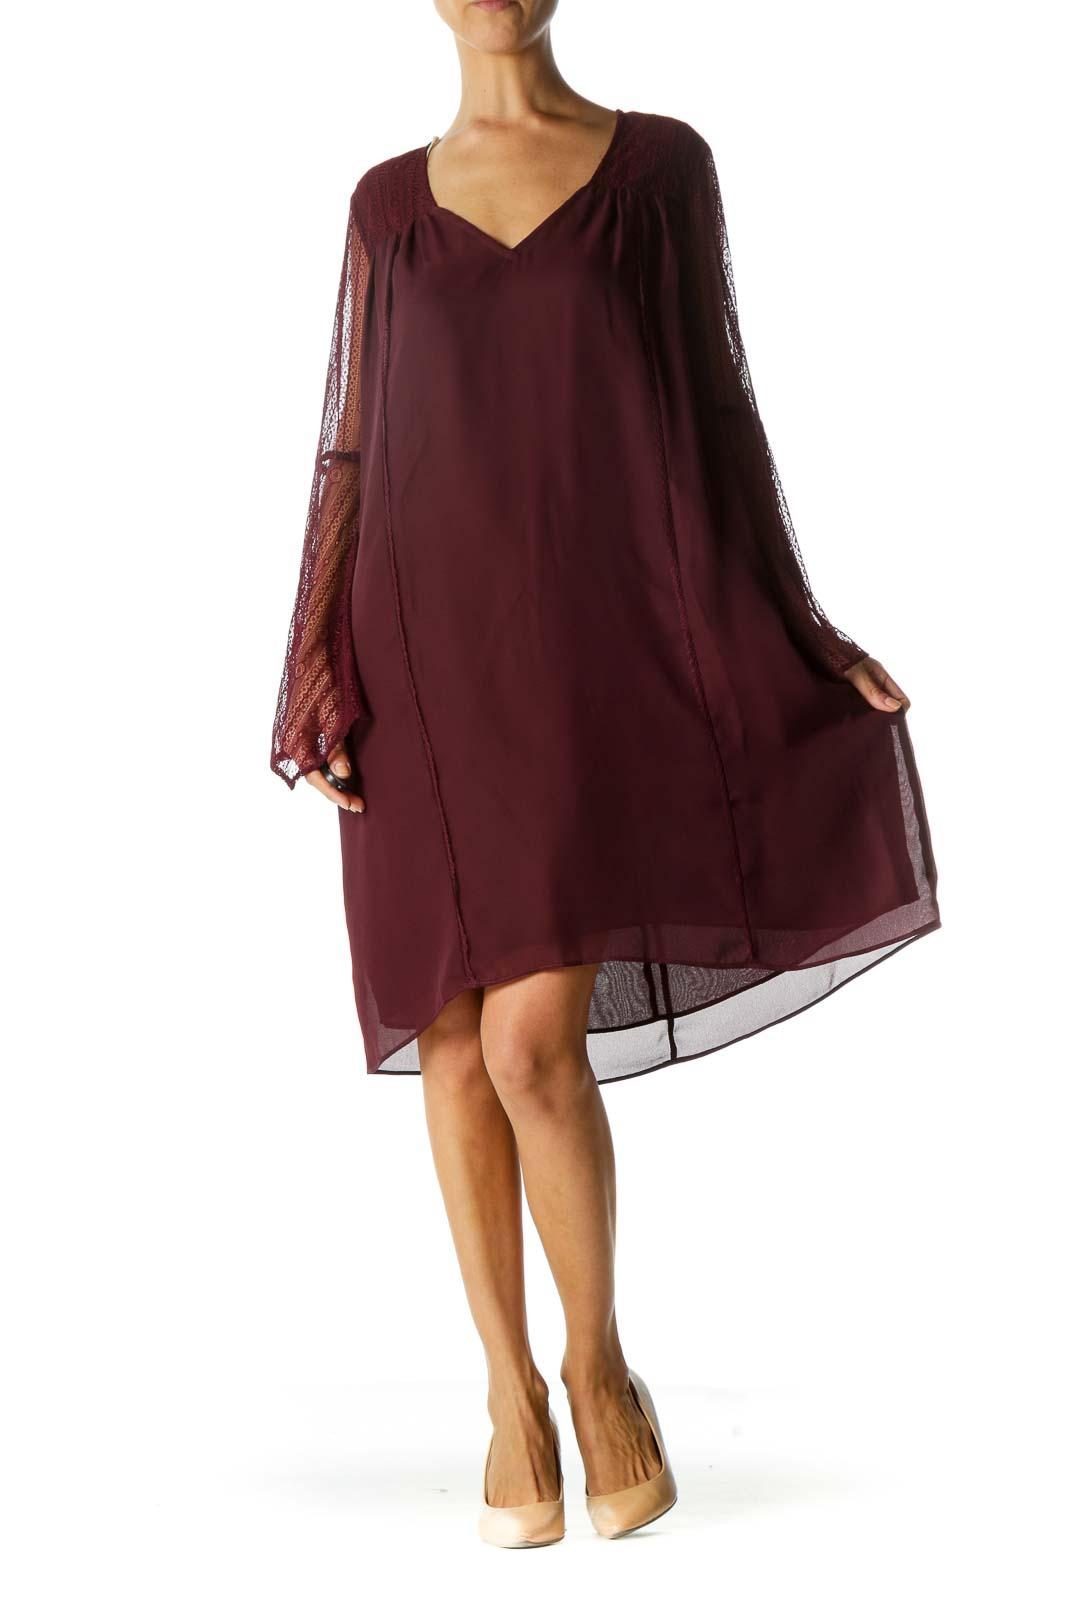 Burgundy V-Neck Stretch Lace Detail Long Sleeve Dress